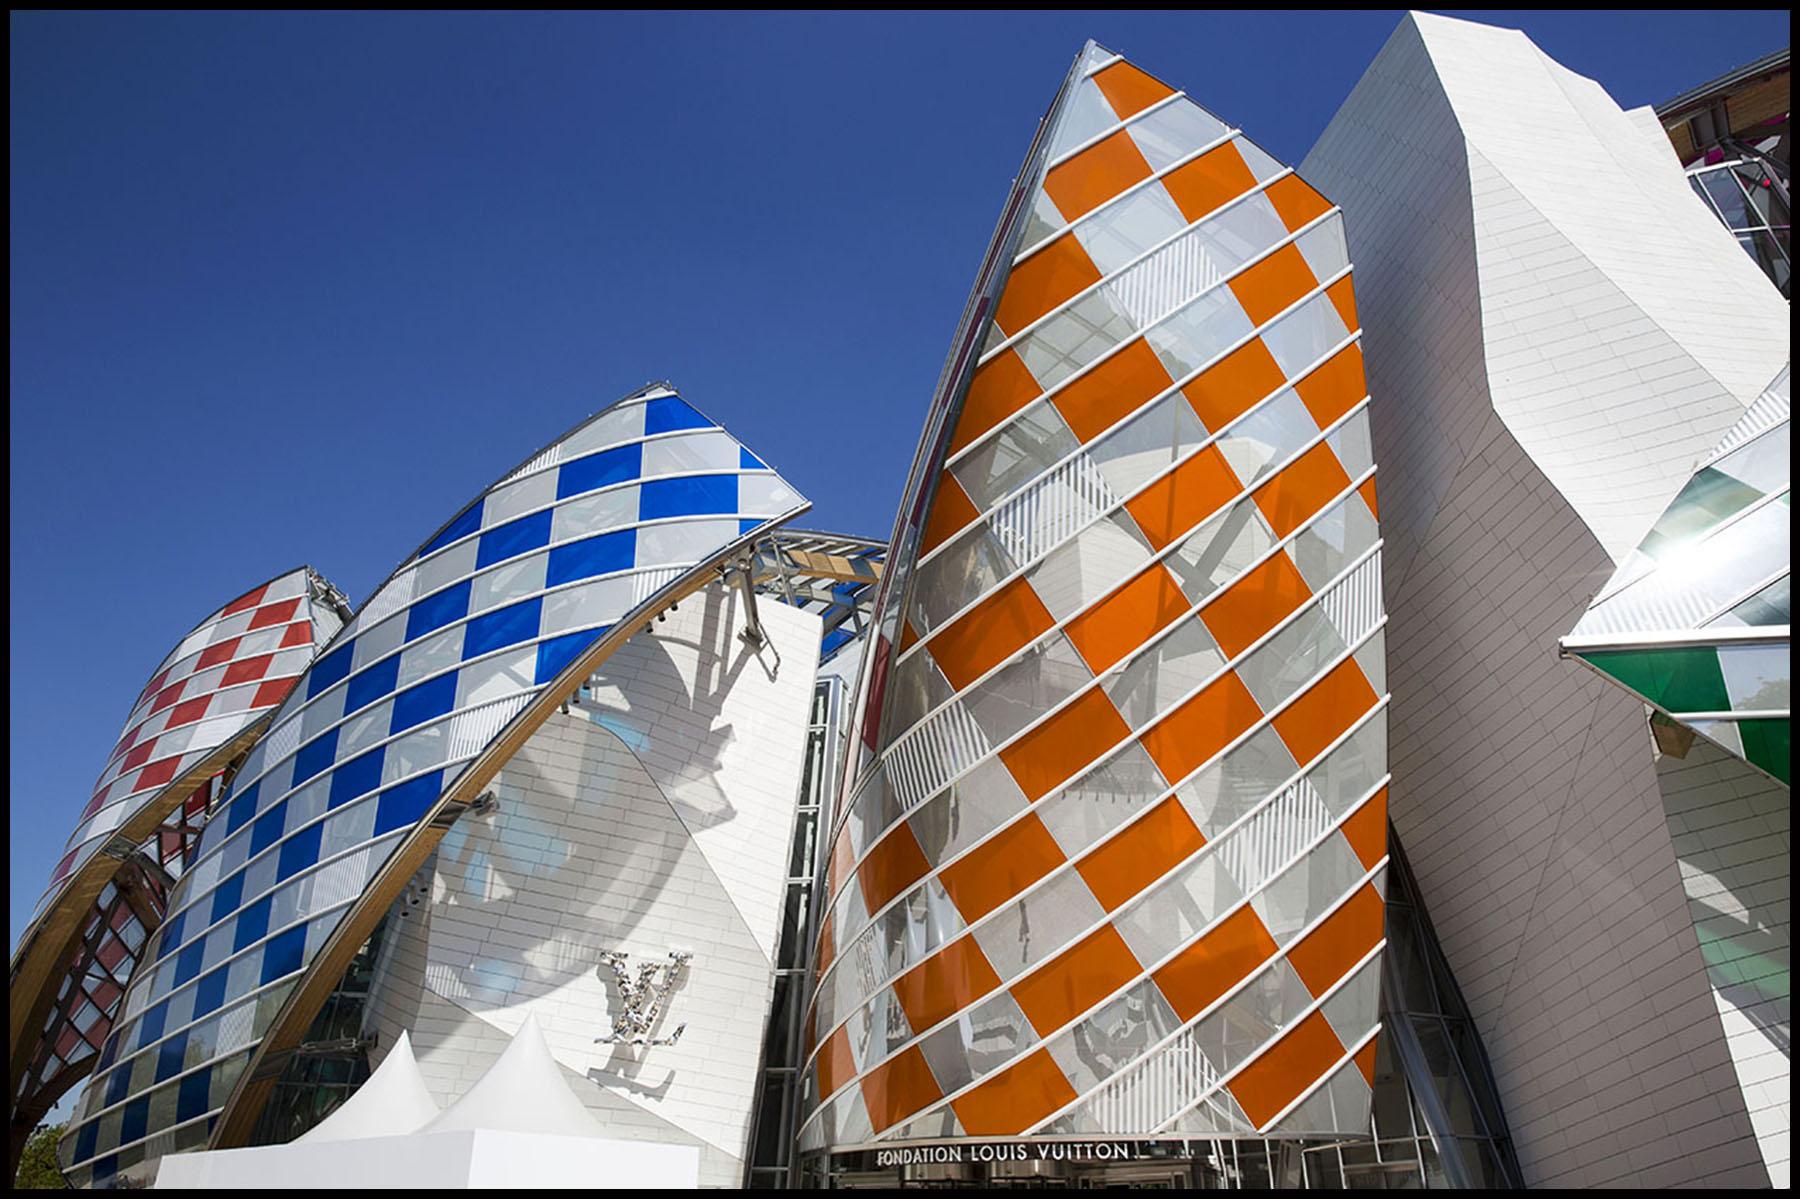 """La Fondation Louis Vuitton présente """" L'observatoire de la lumière"""", une œuvre temporaire de Daniel Buren sur le bâtiment de Frank Gehry dans le bois de boulogne."""